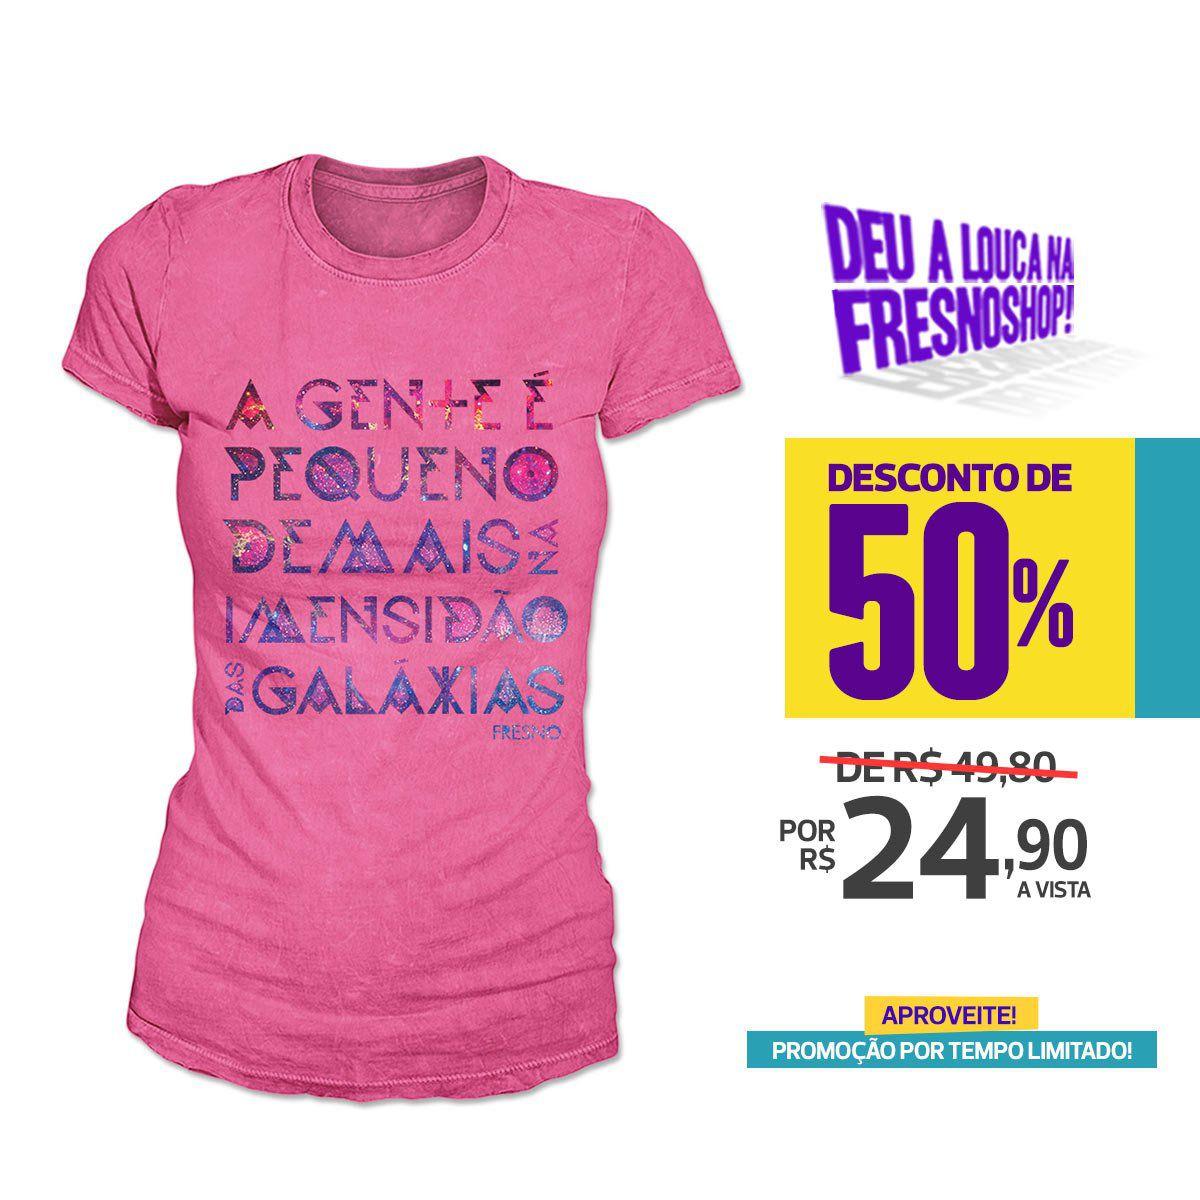 SUPER PROMOÇÃO Fresno - Camiseta Feminina Galáxias ROSA